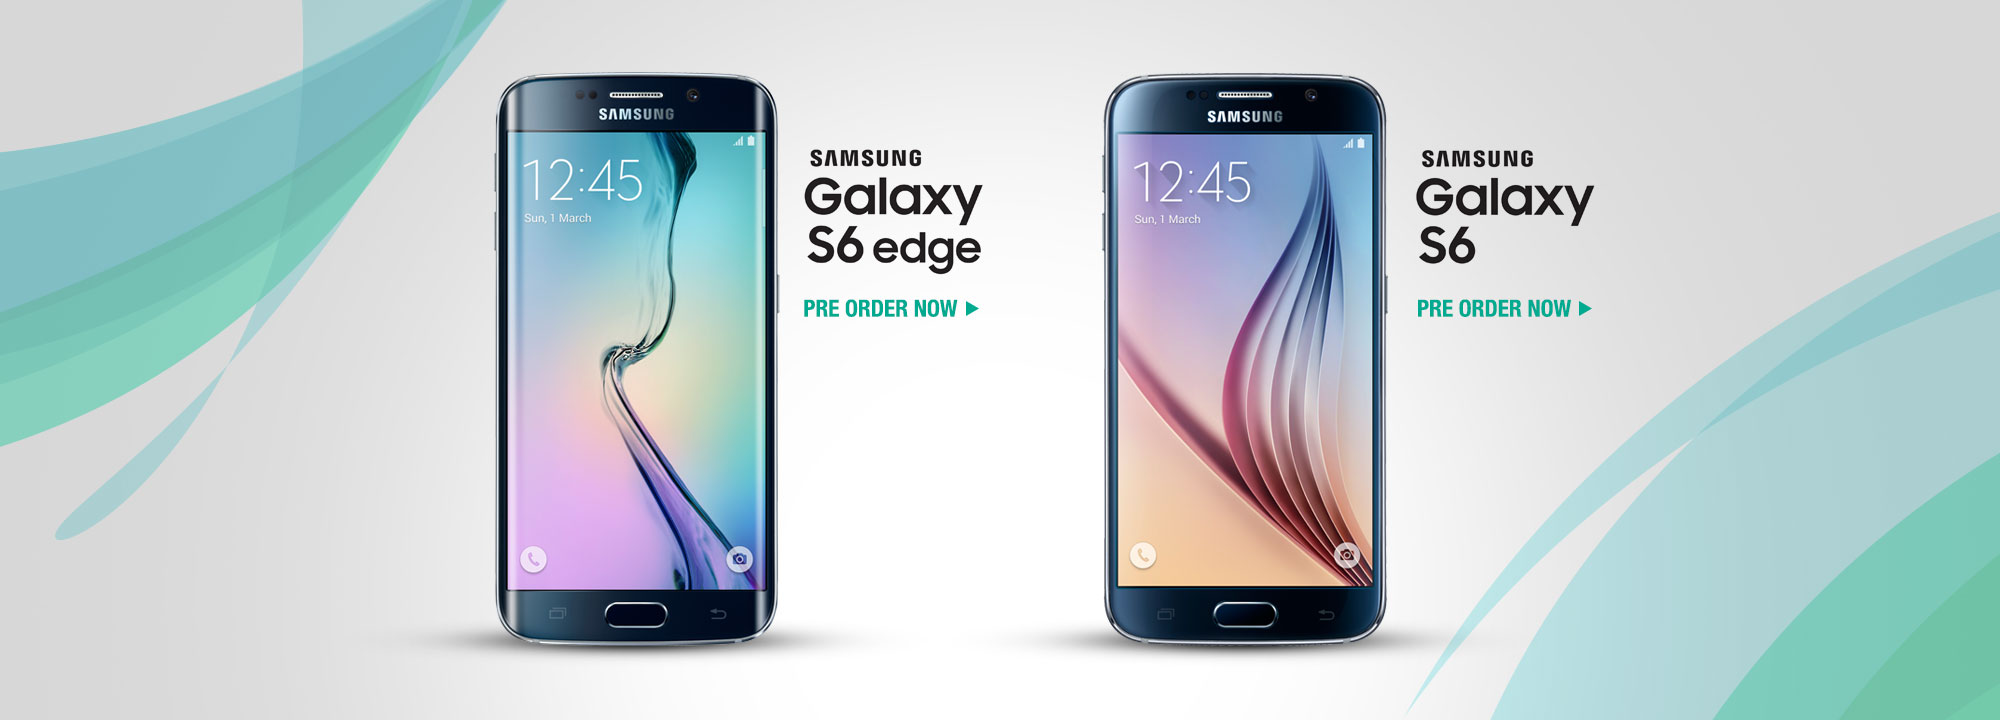 Samsung Galaxy S6 Pre Order